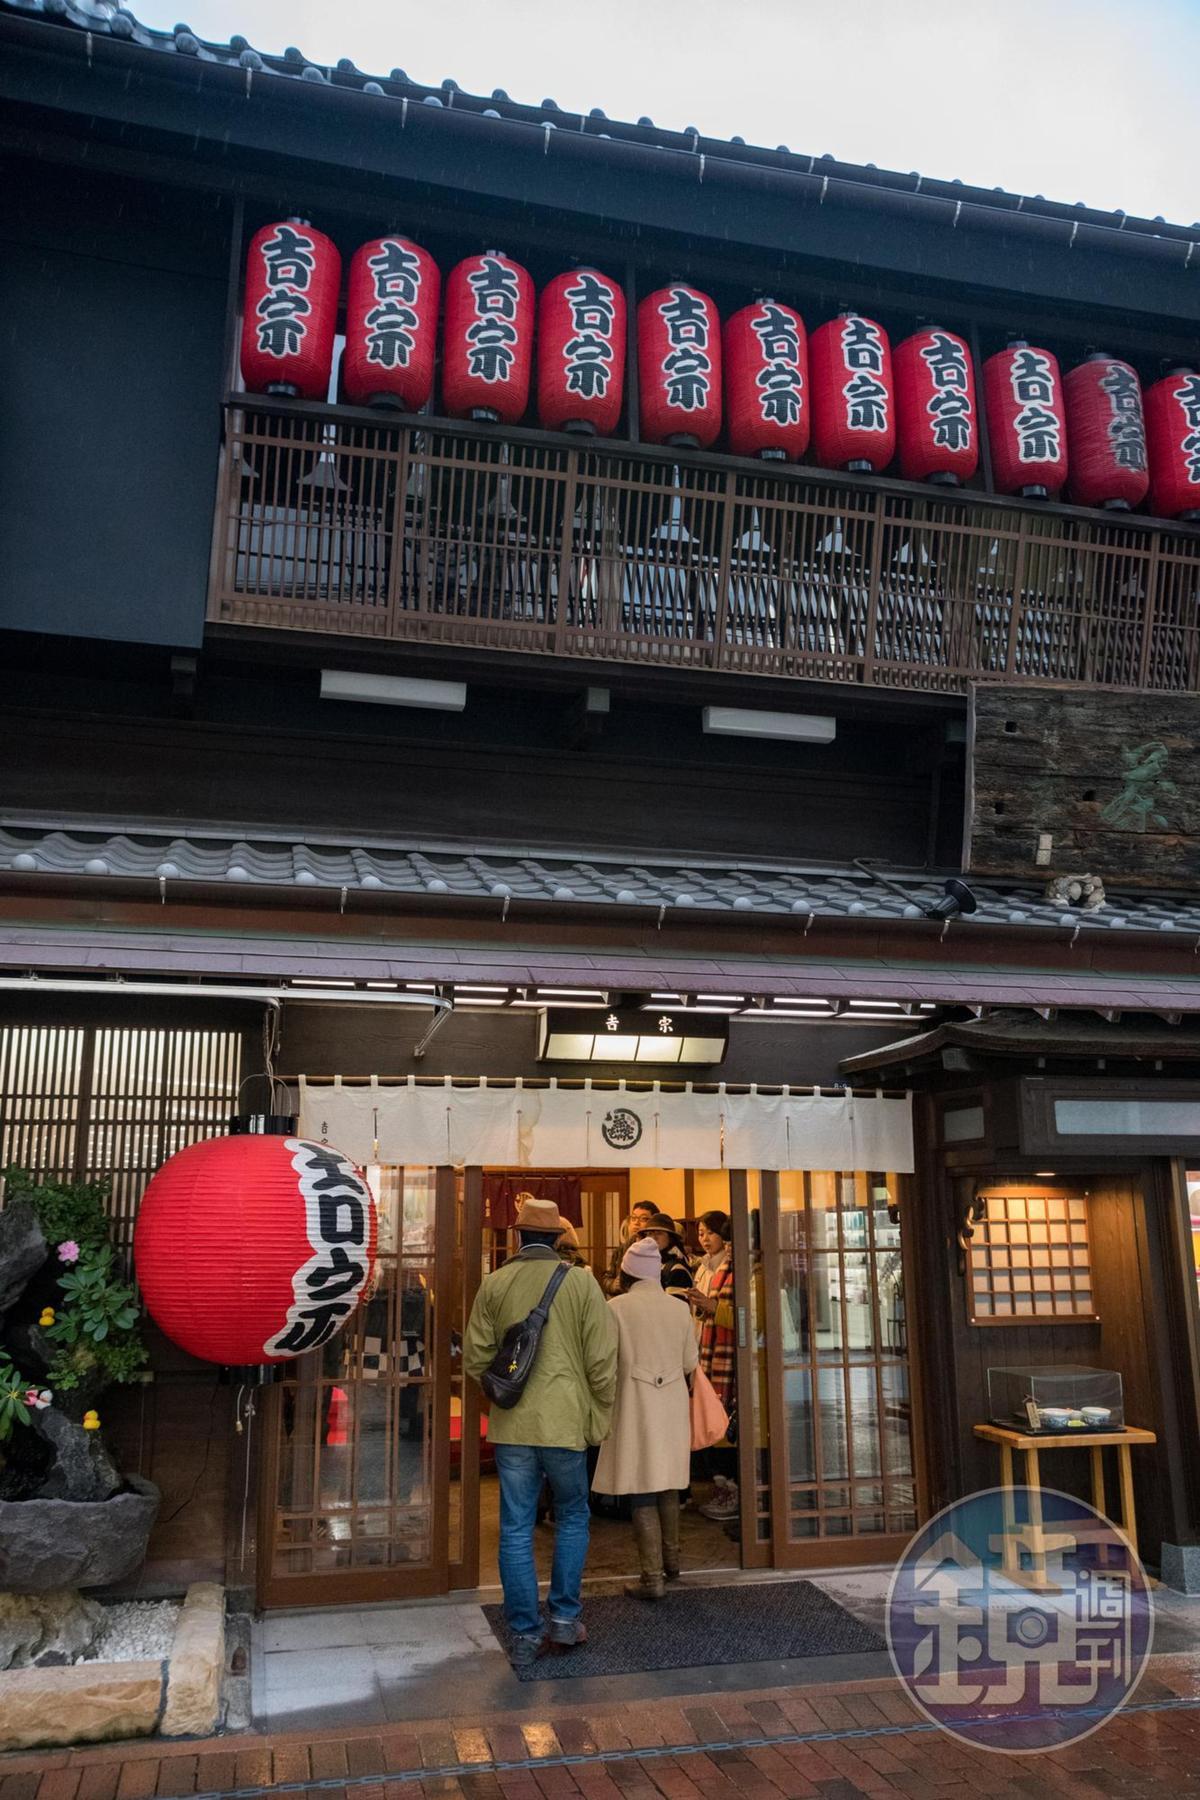 吉宗本店是延續數百年的茶碗蒸老店。